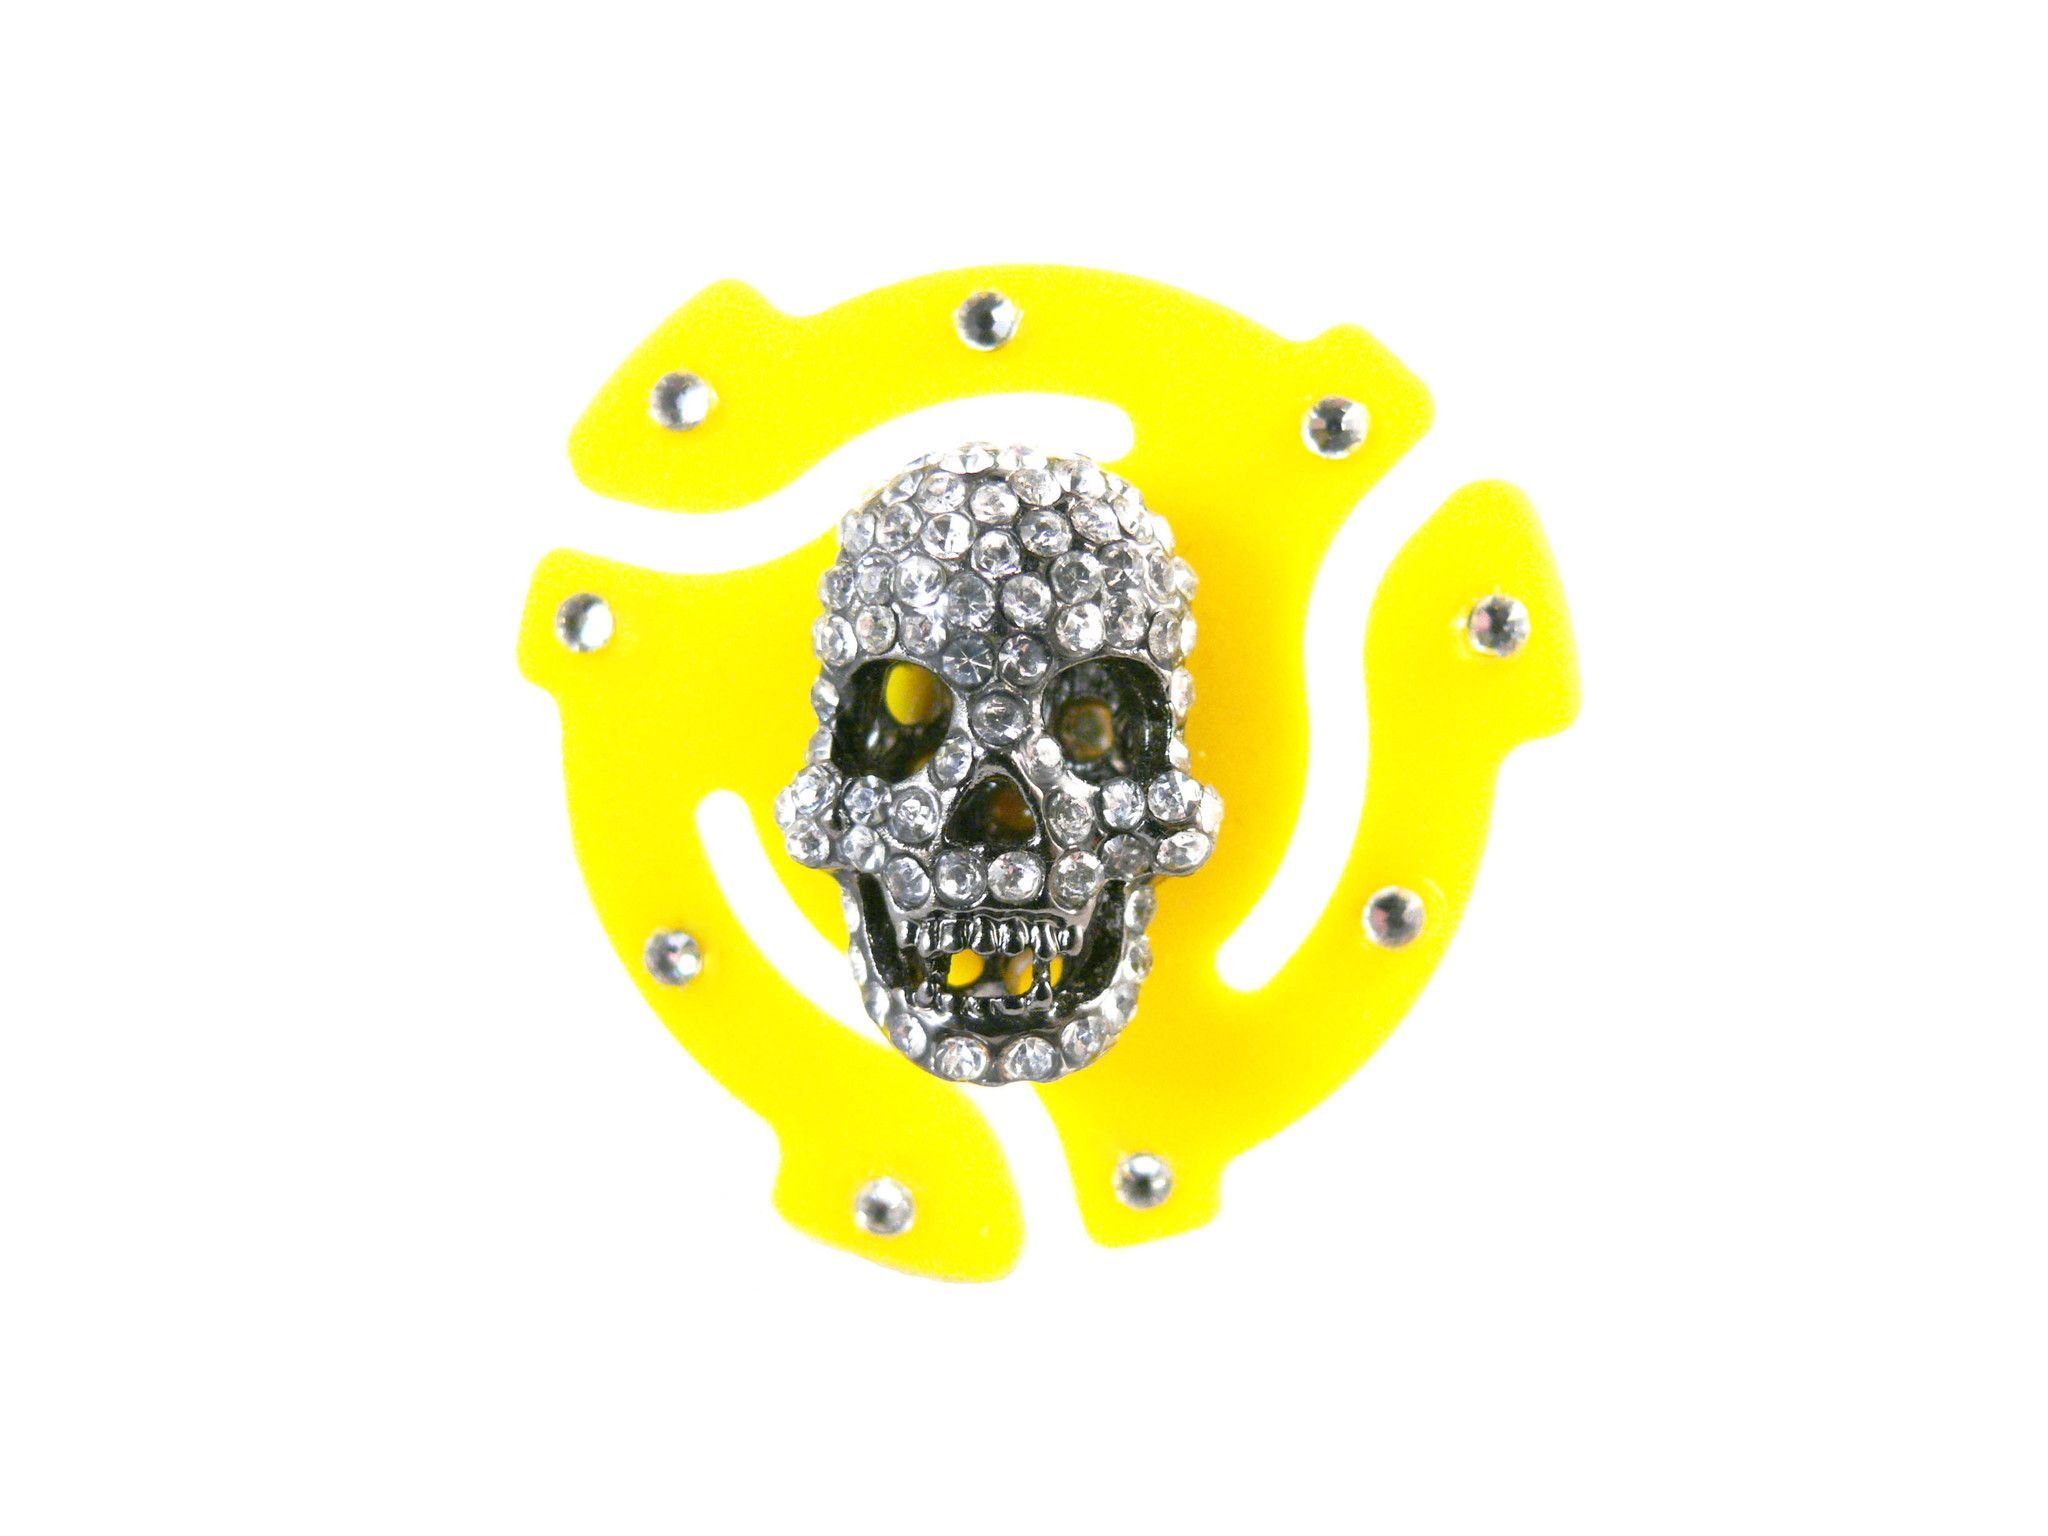 45 RPM Adapter Crystal Skull Adjustable Ring